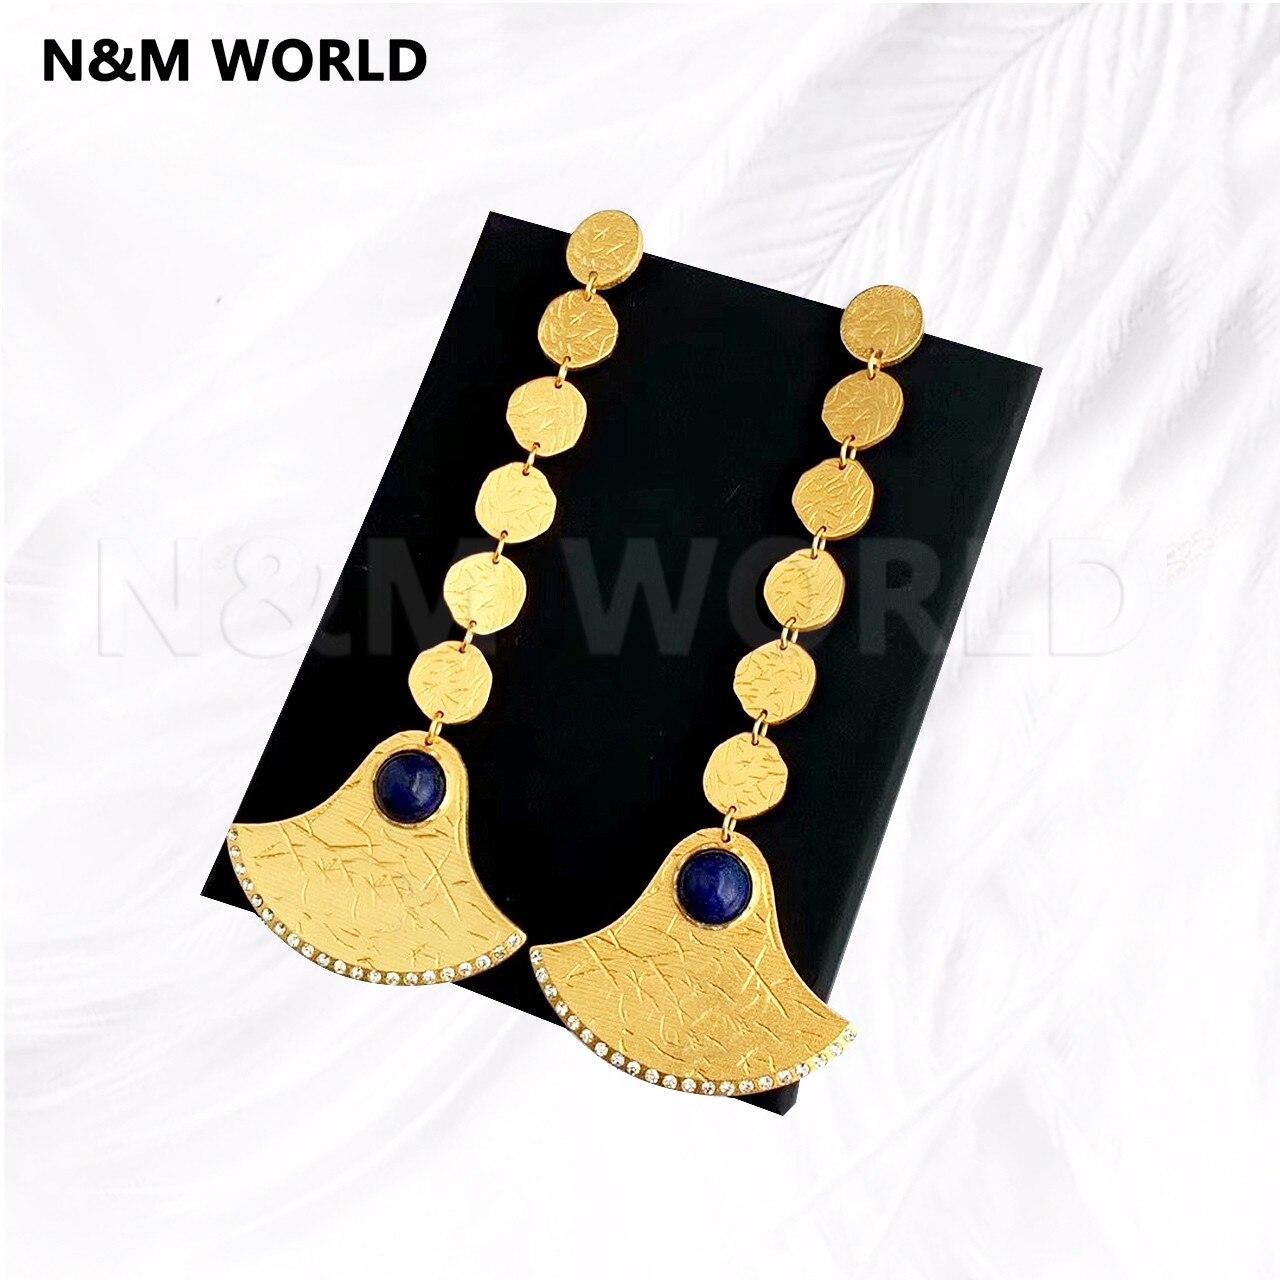 Mode de luxe en métal antique égyptien Design demi-lune creux lettres gland Long Dangle boucles d'oreilles 2019 bijoux cadeau